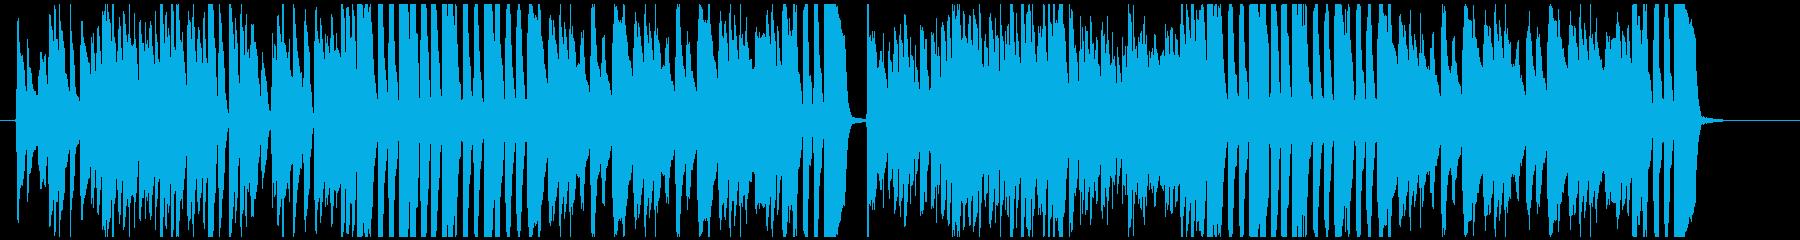 クラシカルで軽快なピアノ曲の再生済みの波形